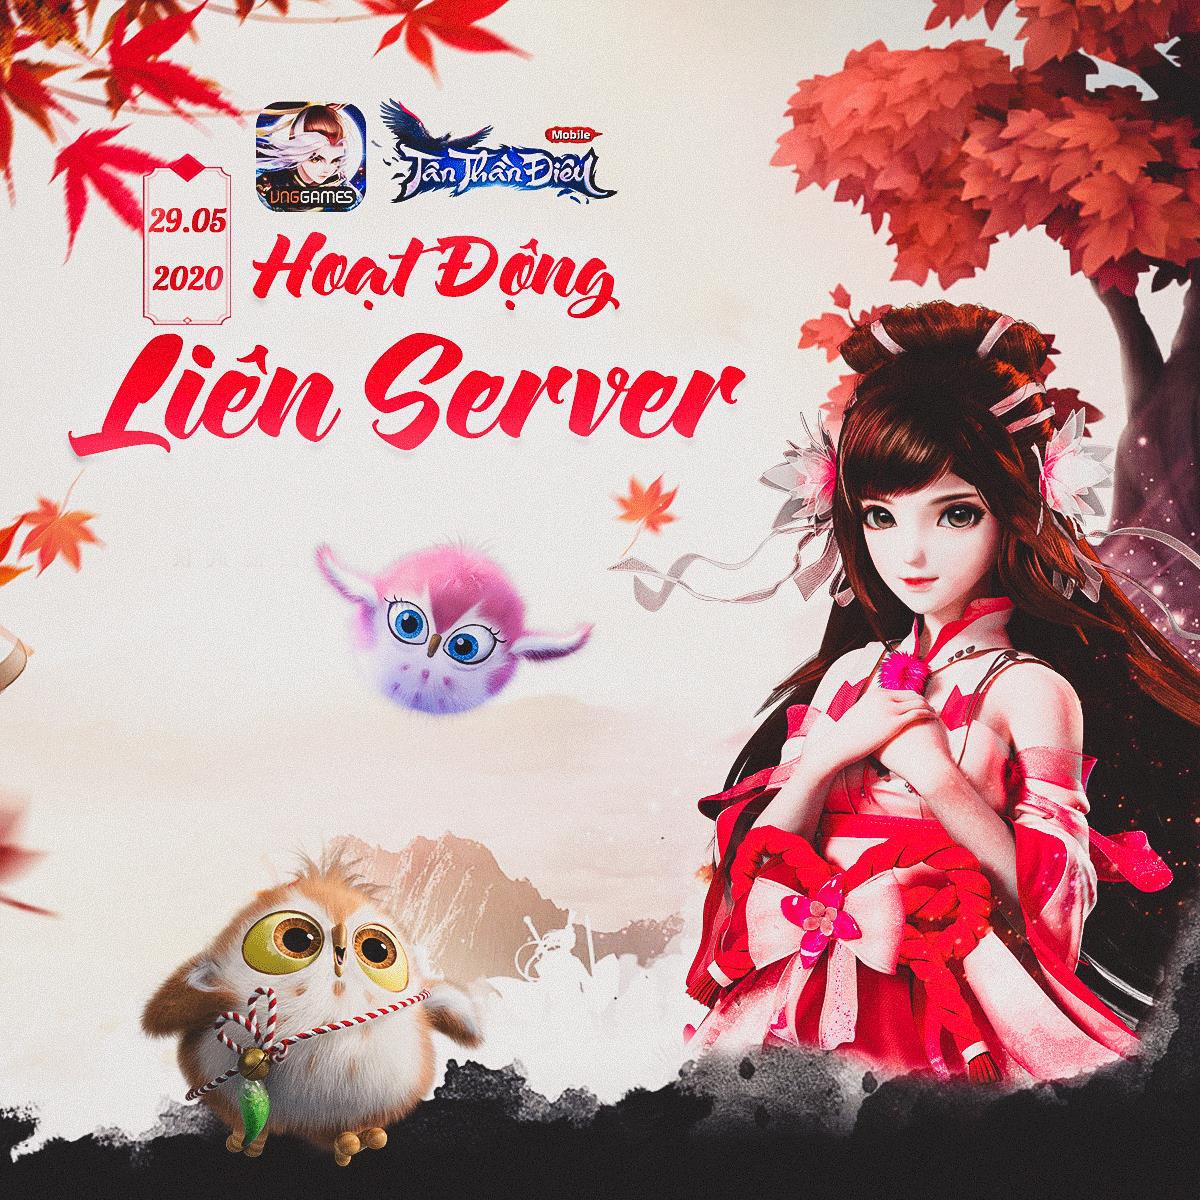 """Game thủ Tân Thần Điêu VNG được kết hôn, """"quẩy"""" Liên server và chơi môn phái mới Độc Cô từ ngày 29/5 - Ảnh 2."""